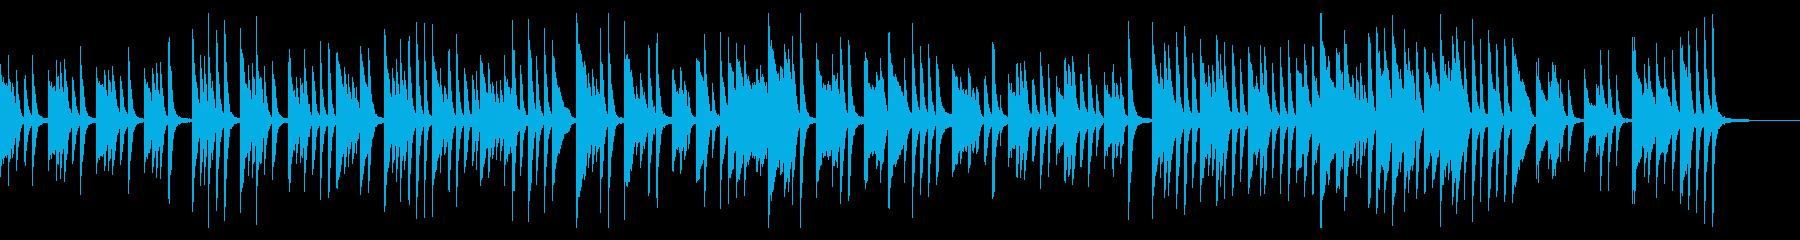 優しく可愛いピアノのワルツ の再生済みの波形